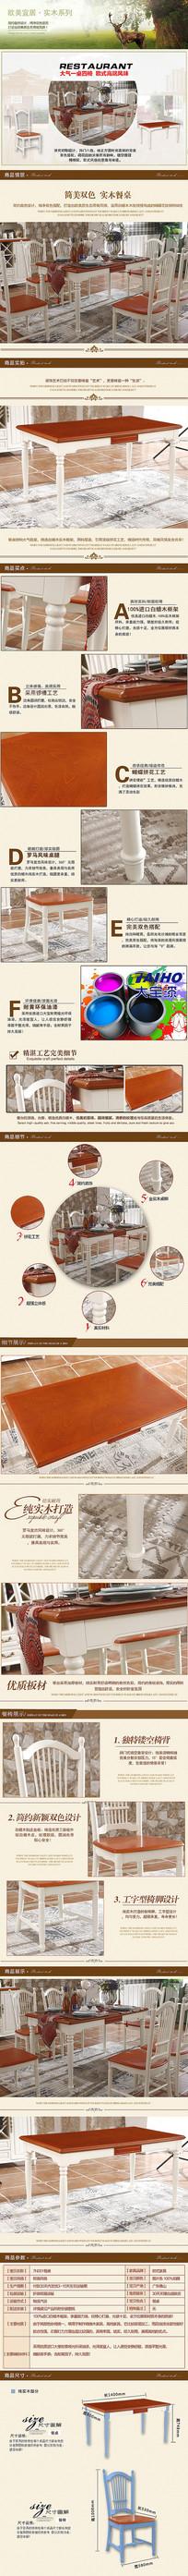 淘宝家具餐桌详情页描述PSD模板